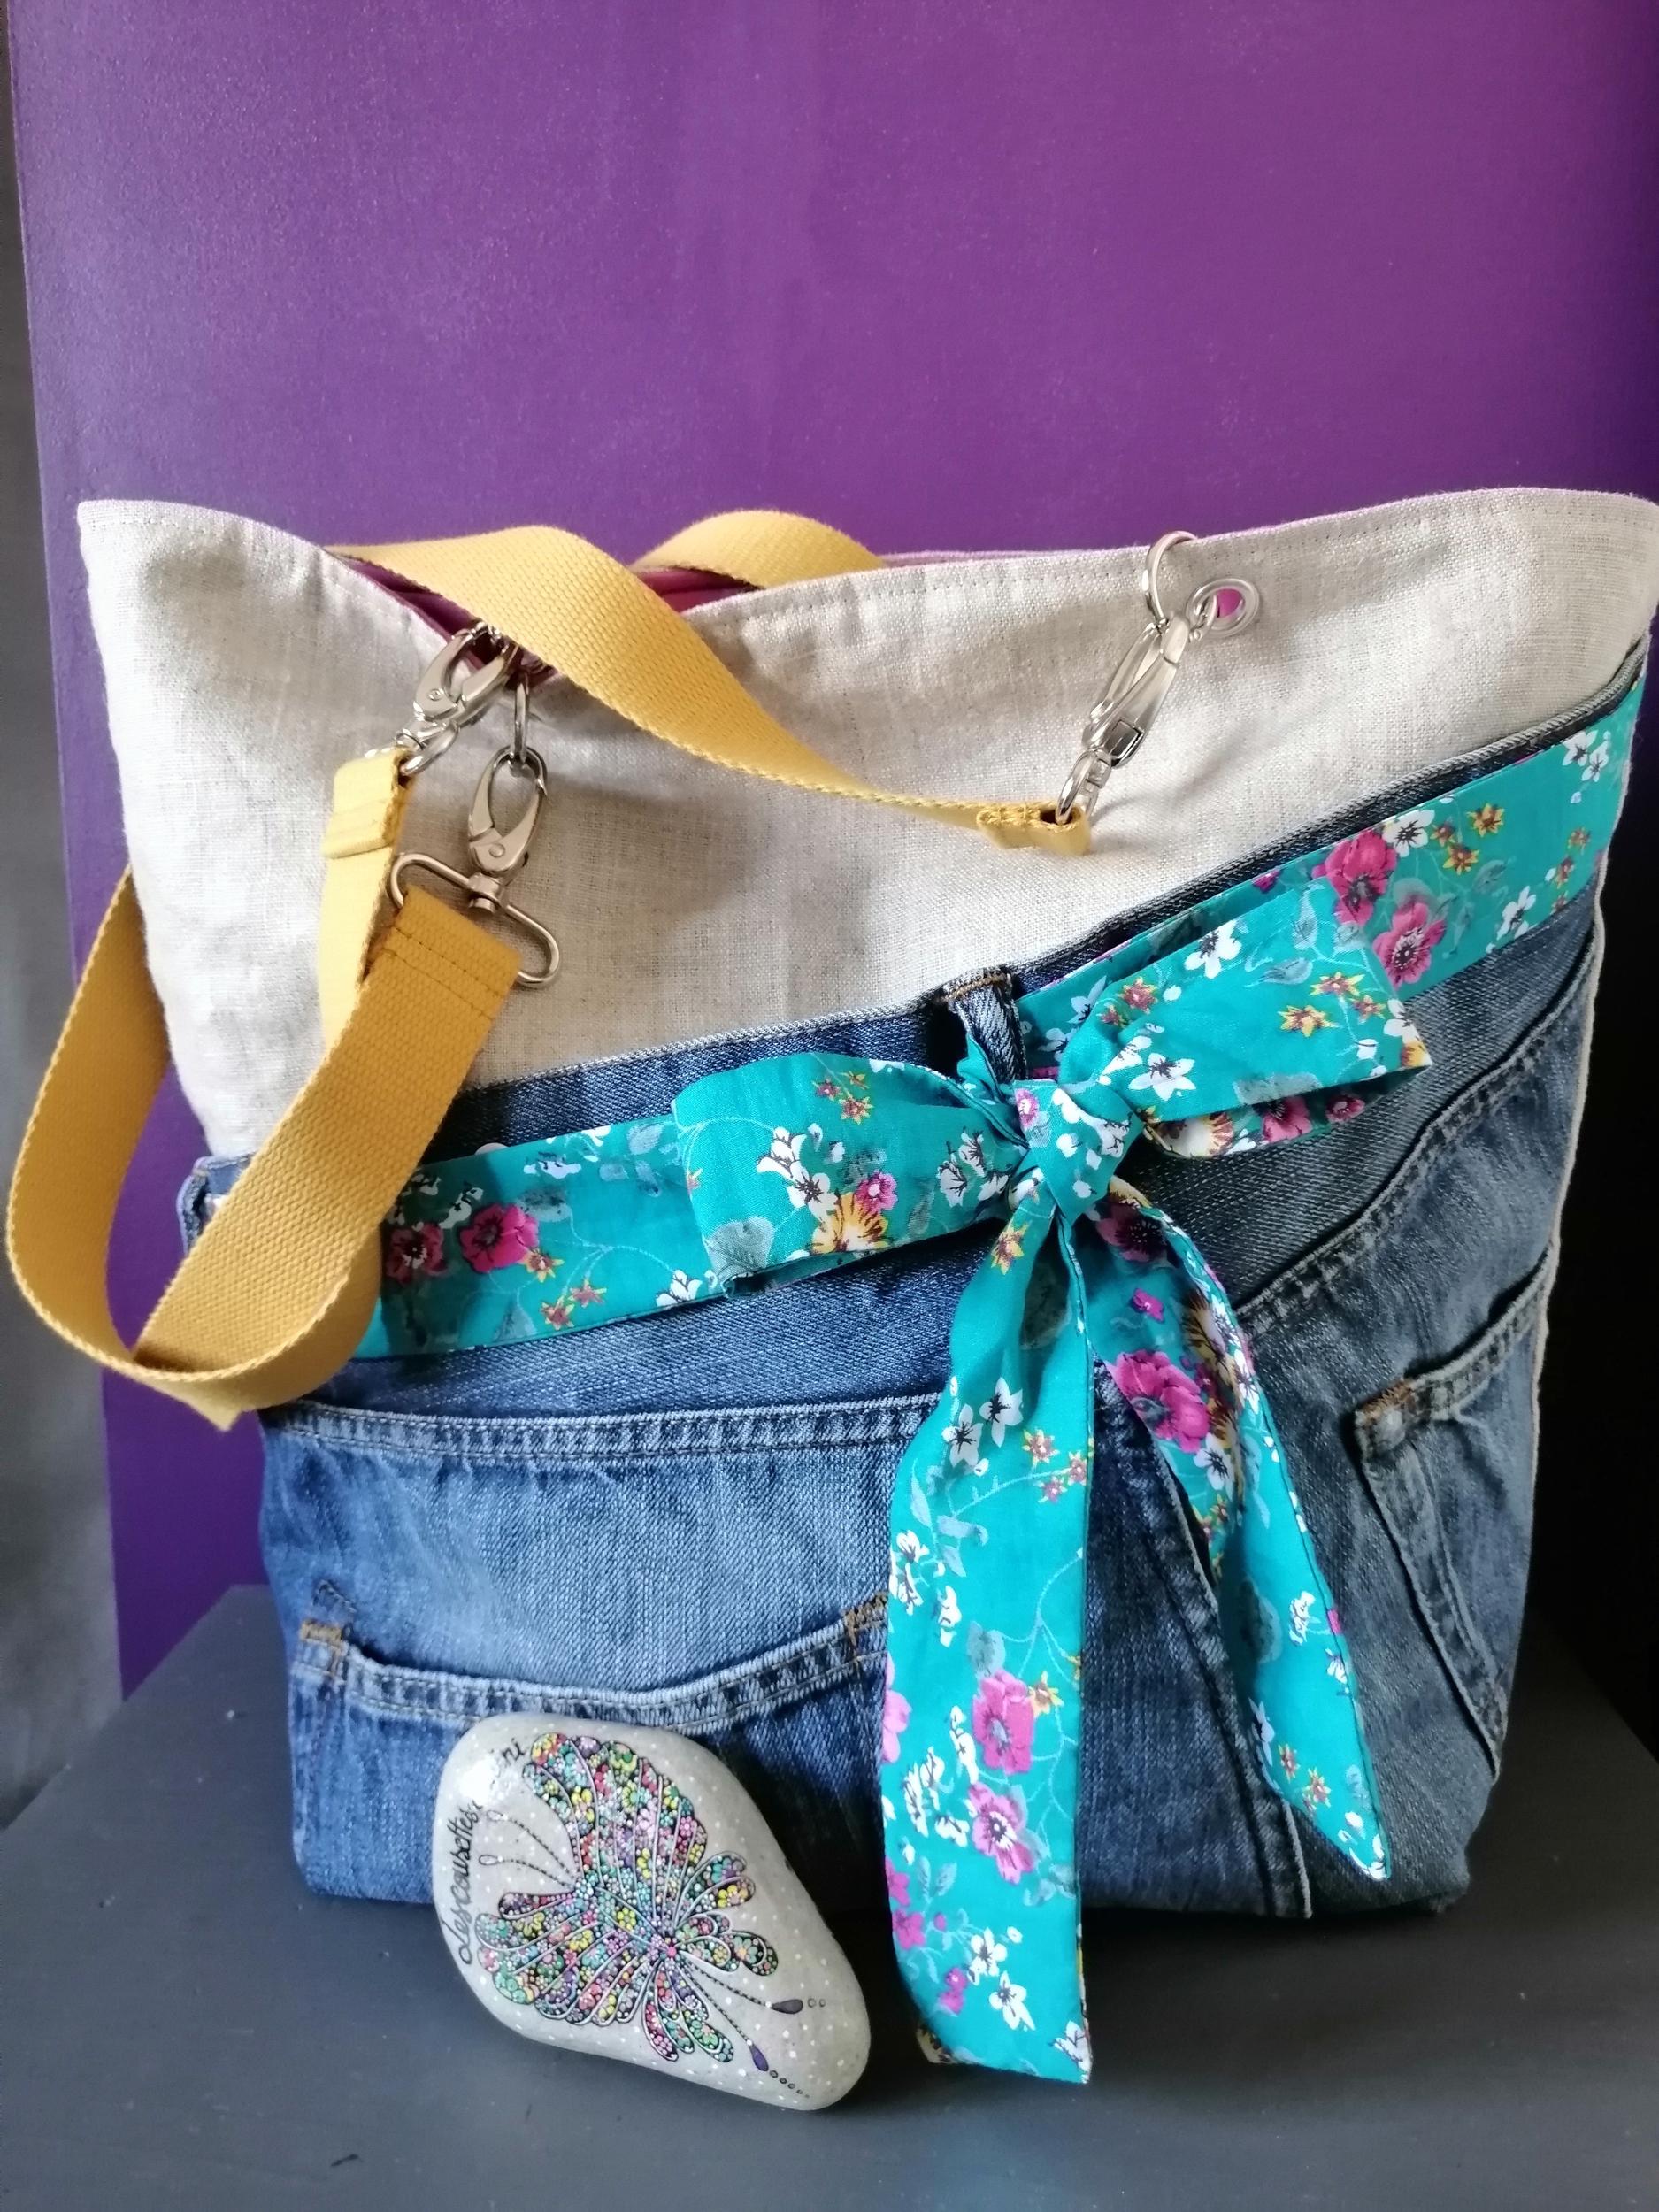 sac en jean girly